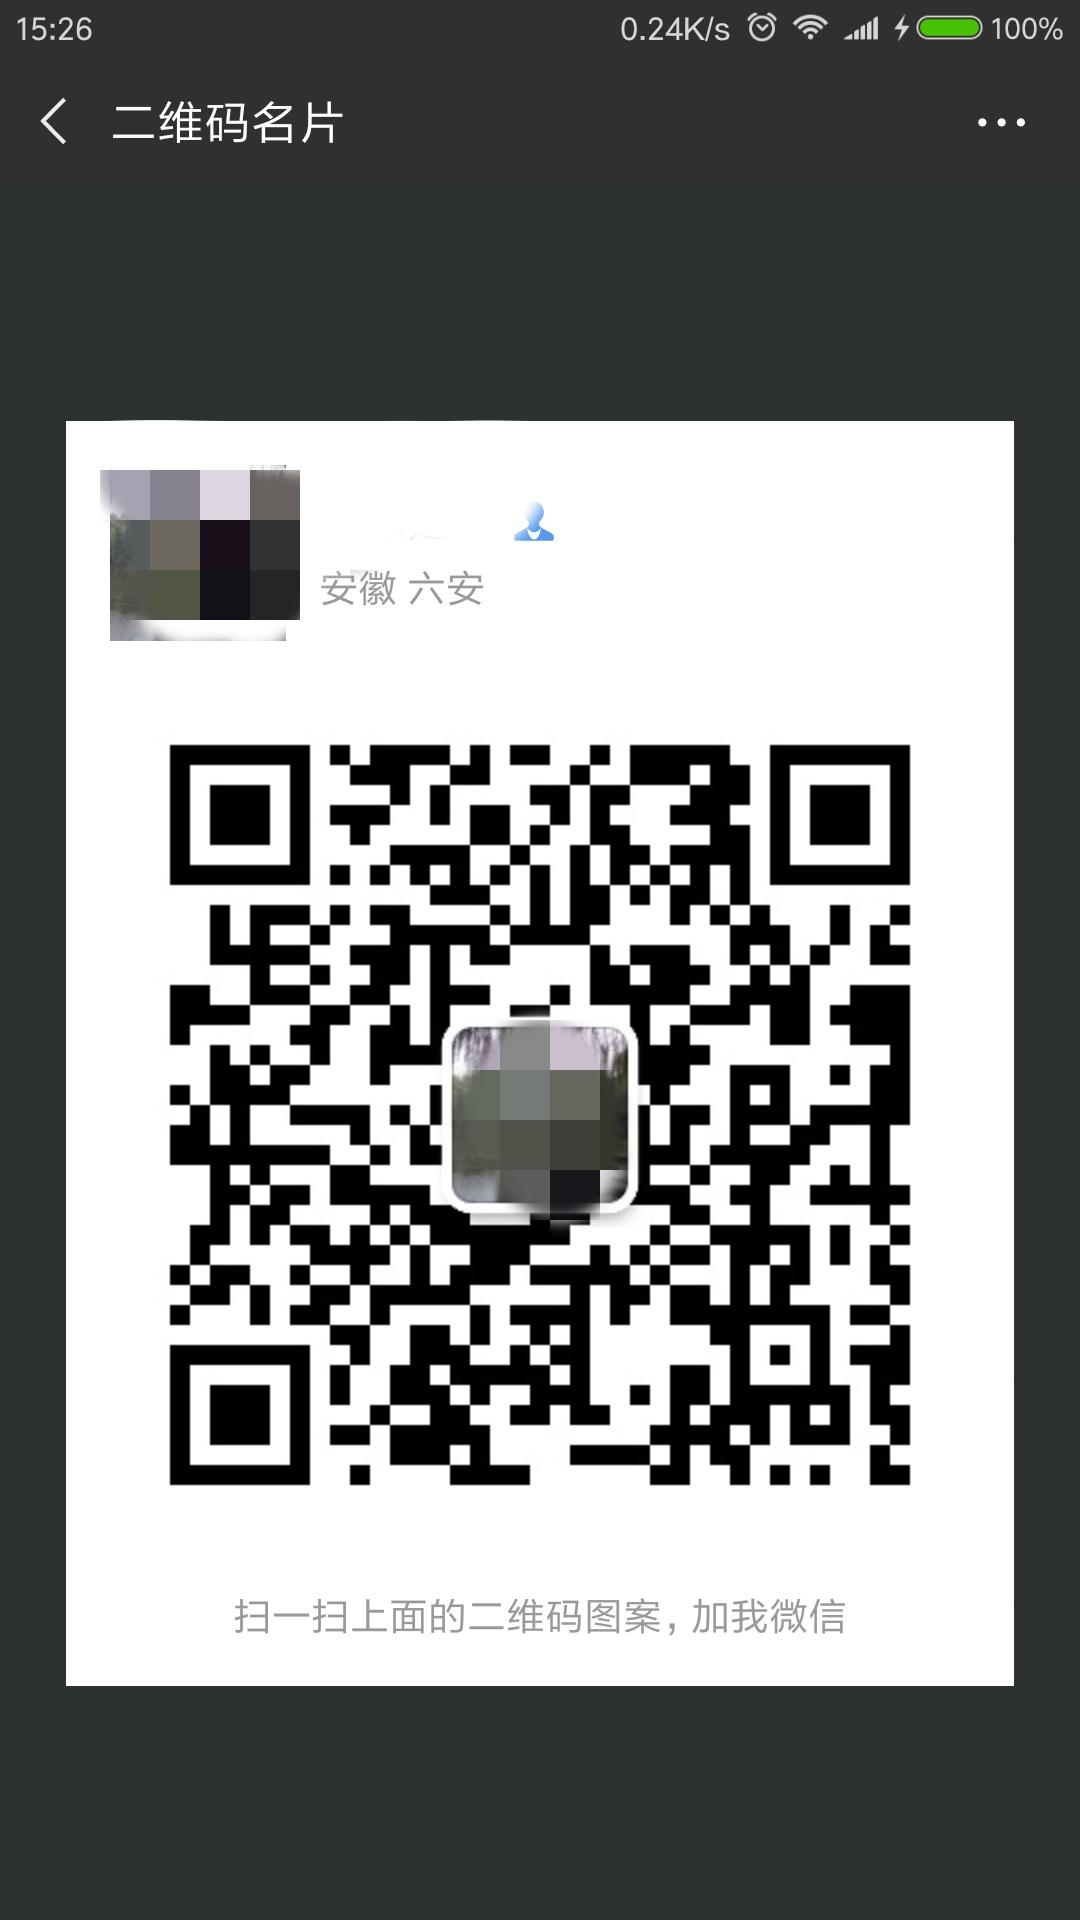 120567098085009407.jpg